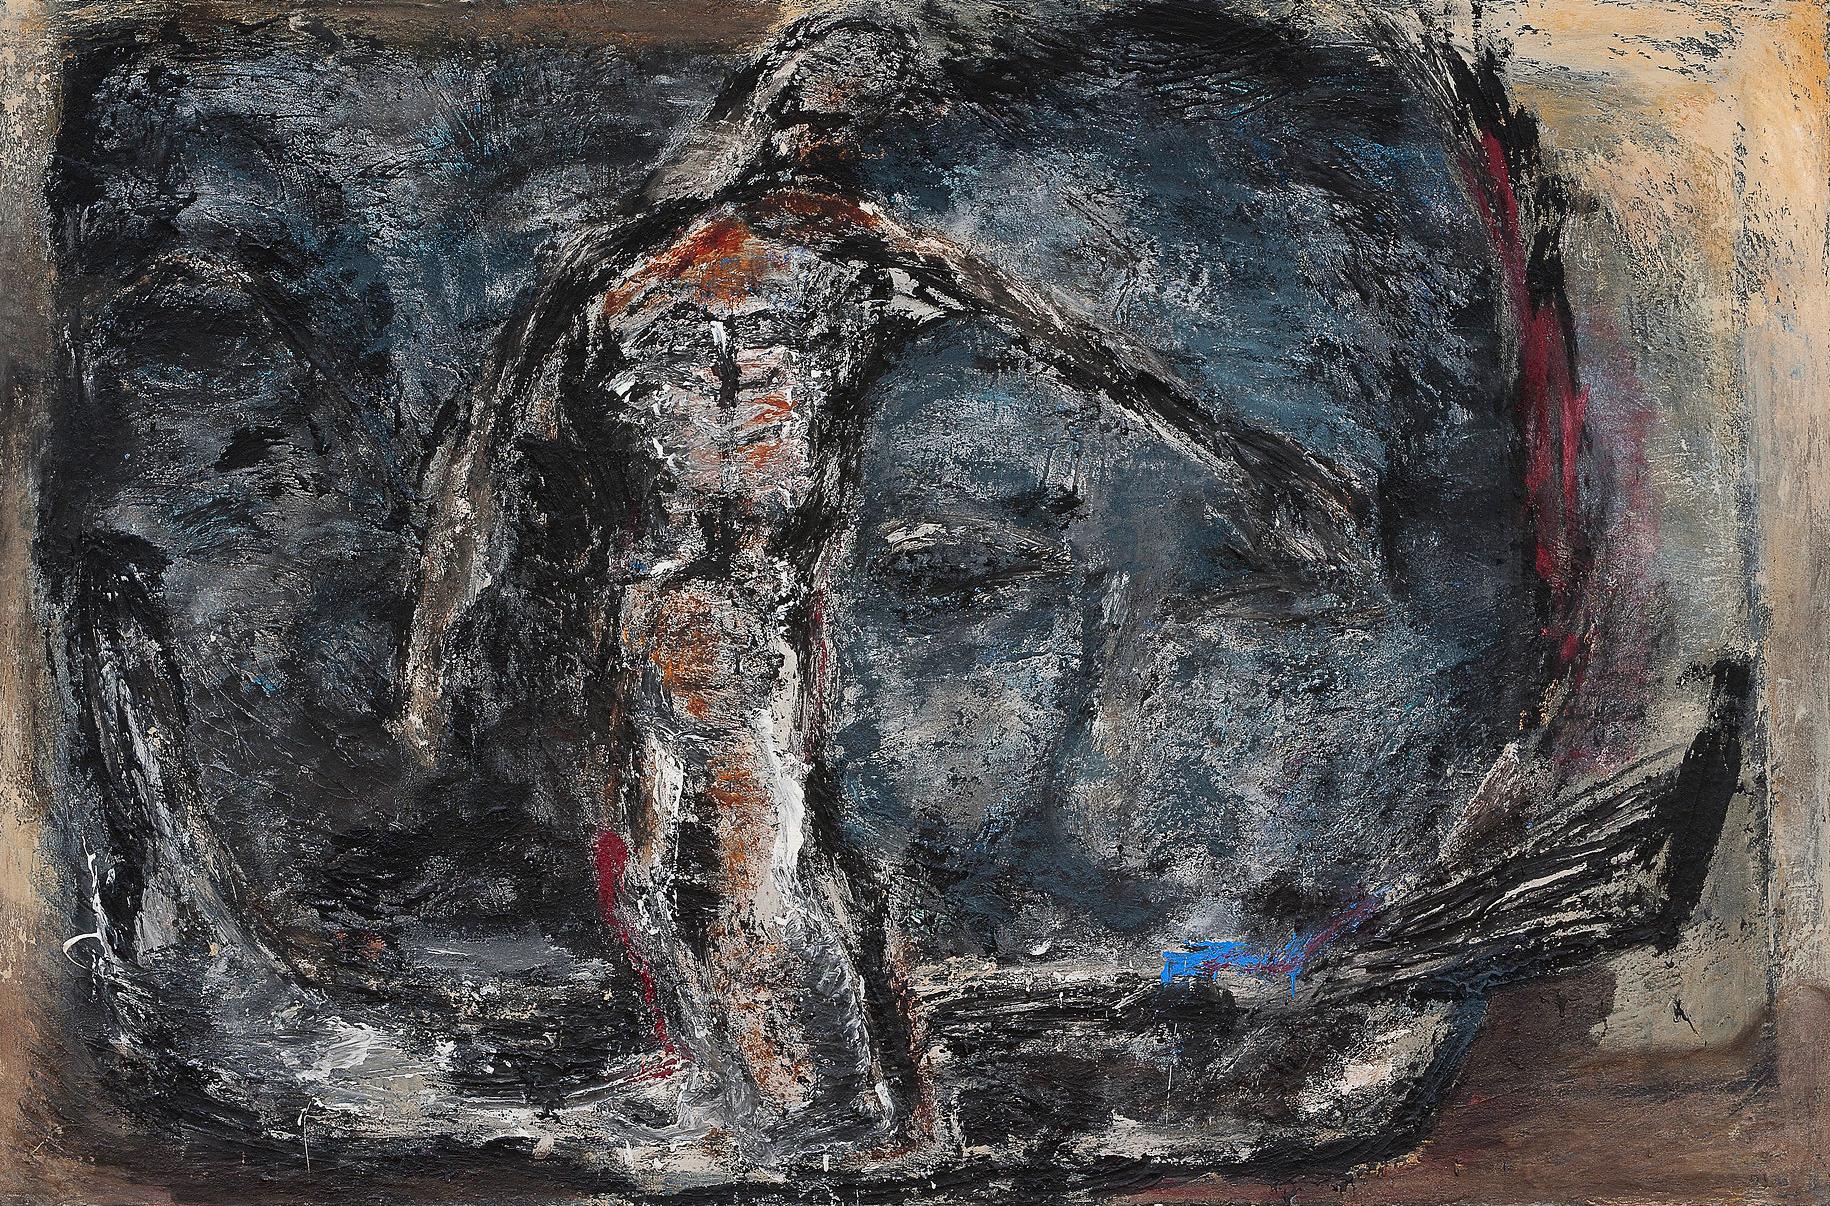 Fährmann, 2005, Mischtechnik auf Leinwand, 200 x 300 cm